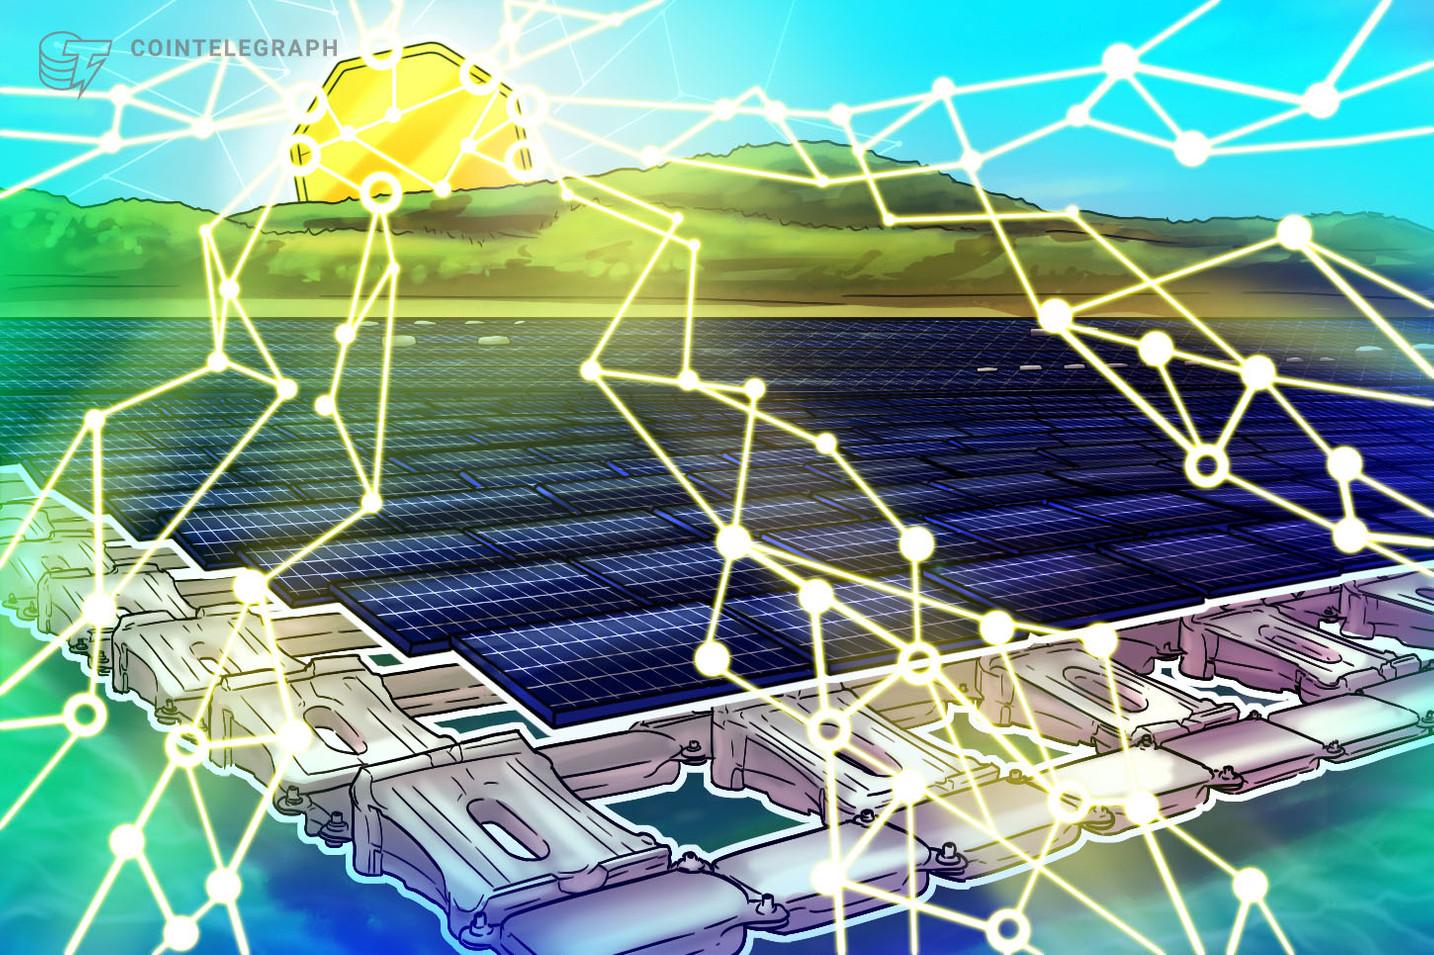 Japan to Solarize Its Burgeoning Digital Economy, Expert Take